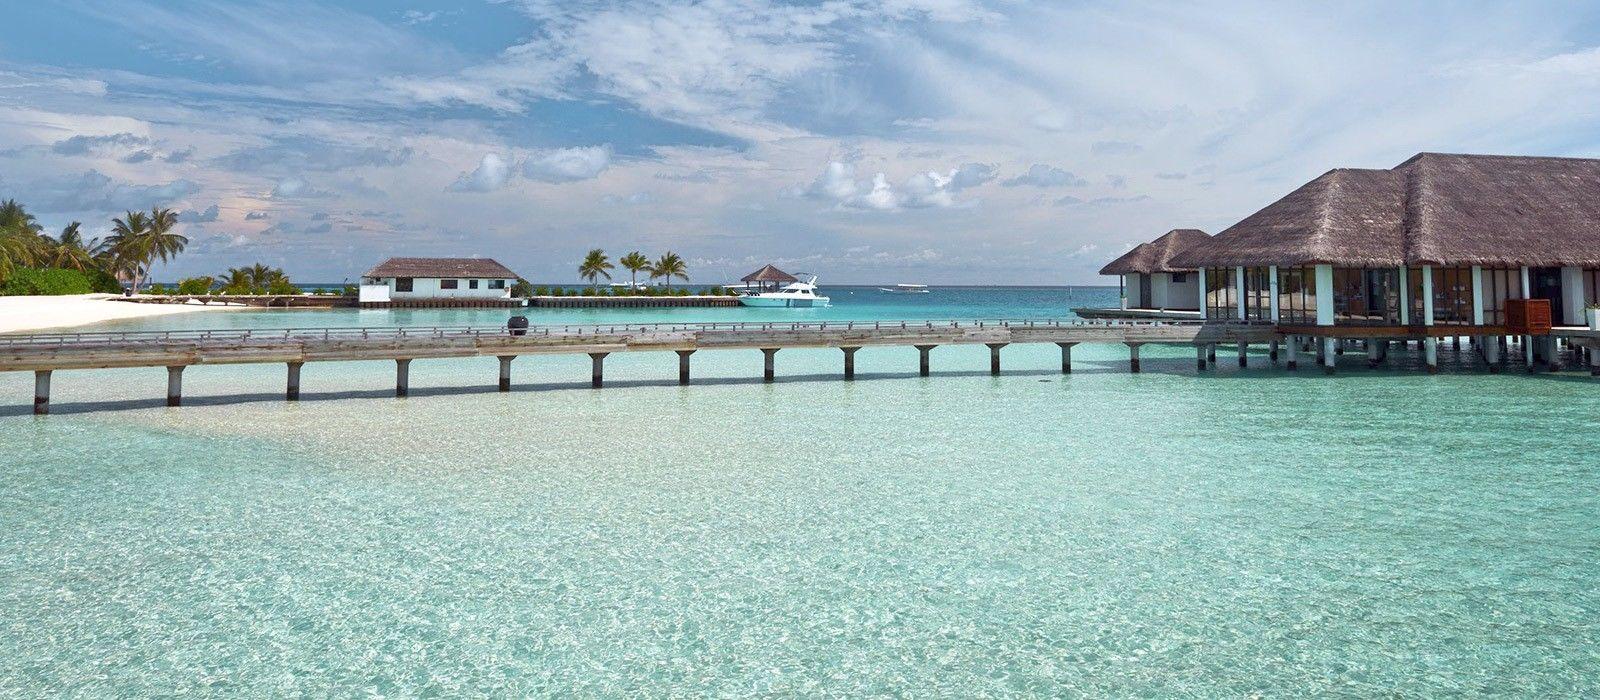 Indien & Malediven: Luxuriöse Honeymoon Reise Urlaub 2